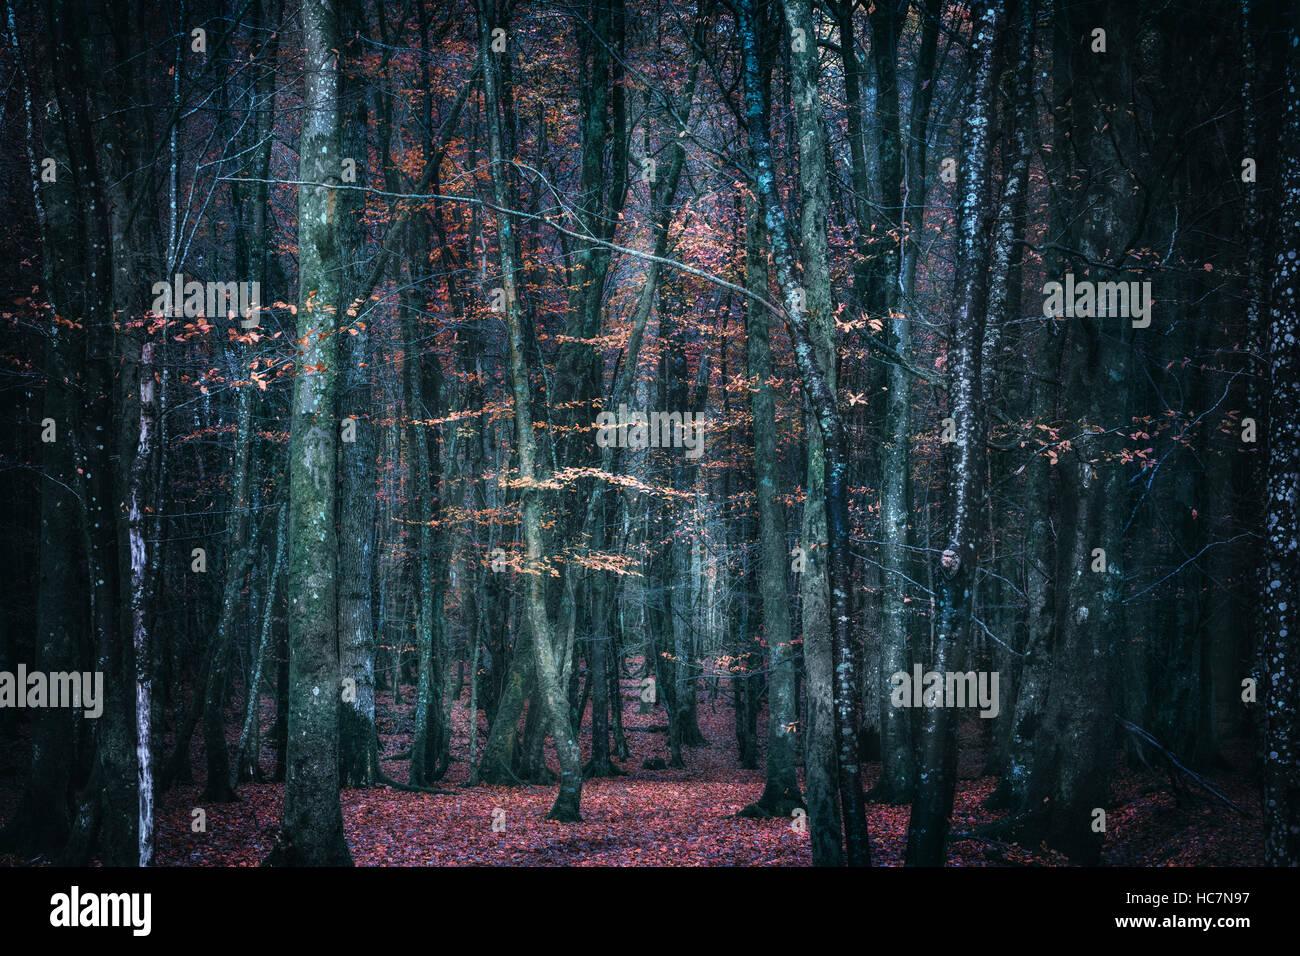 geheimnisvollen dunklen Wald im Herbst Stockfoto